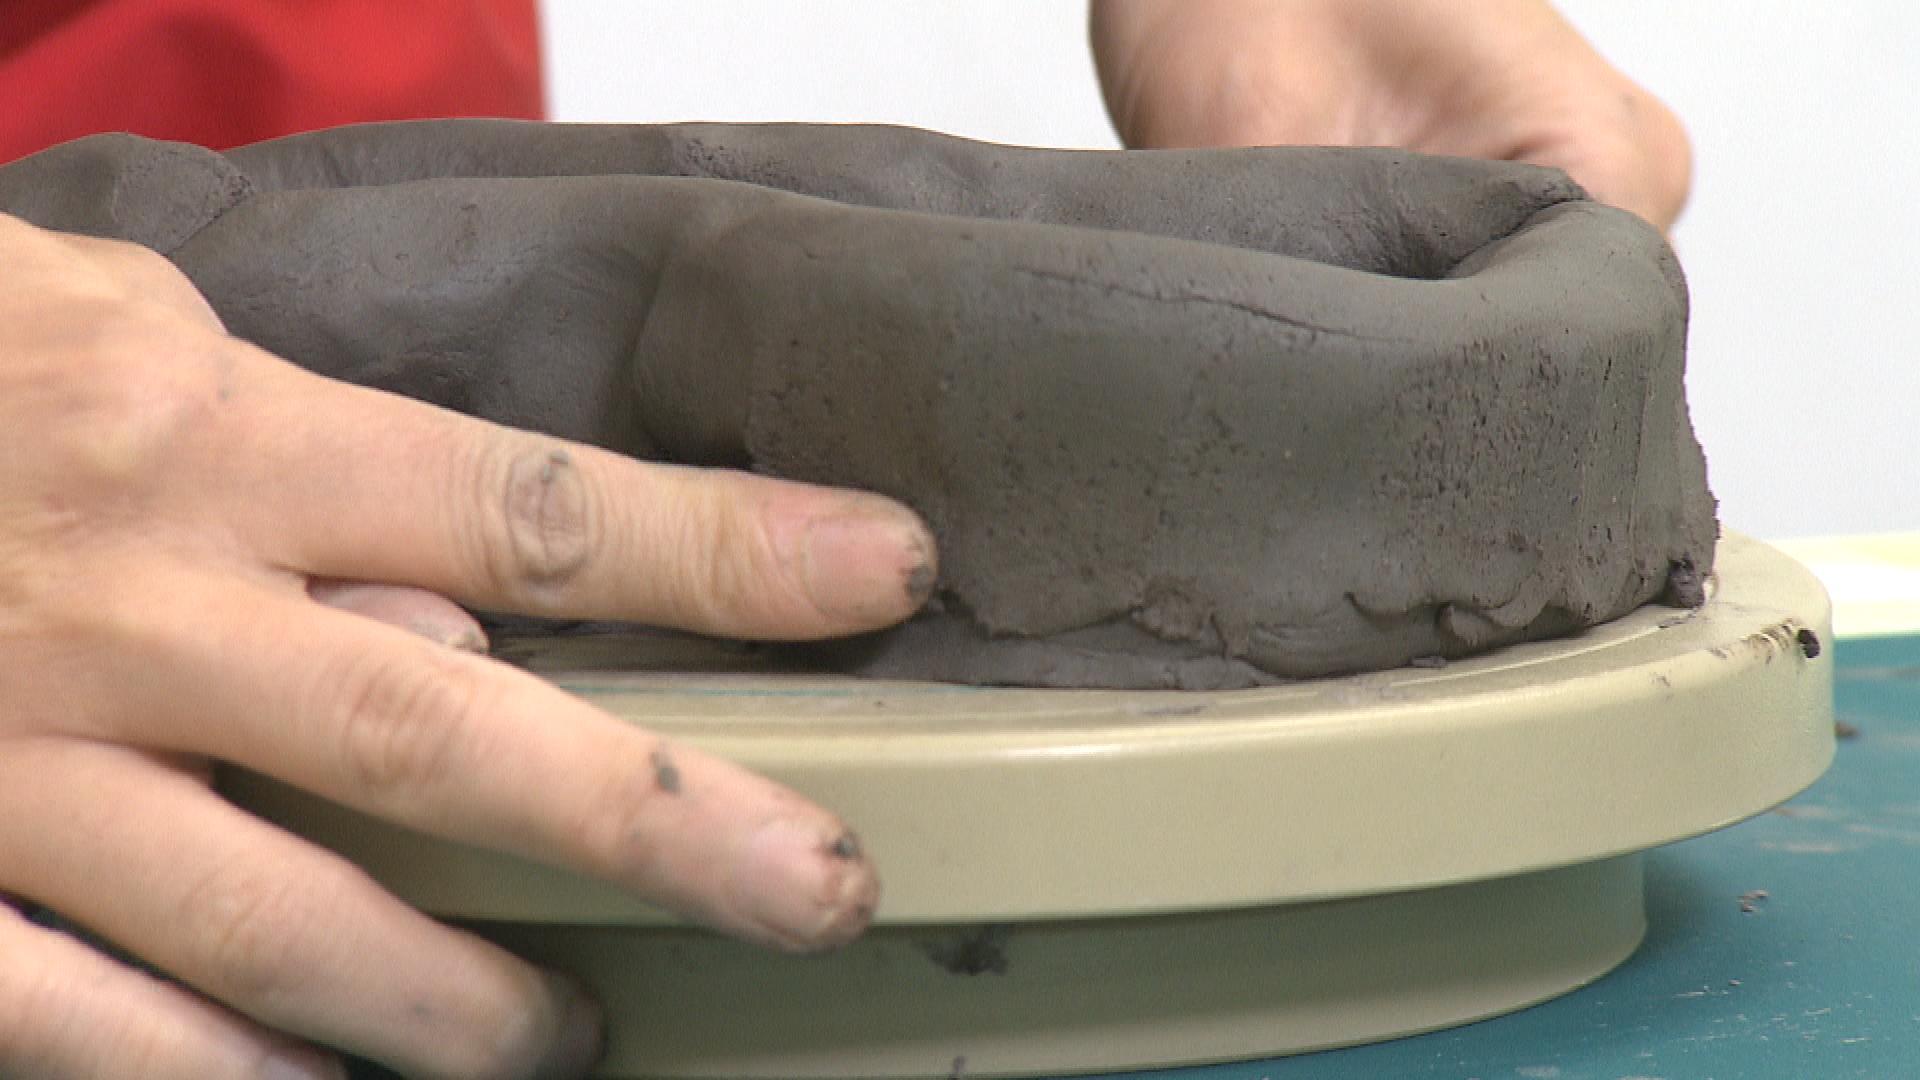 粘土と粘土のつなぎ目は指でなじませて、消すようにします。